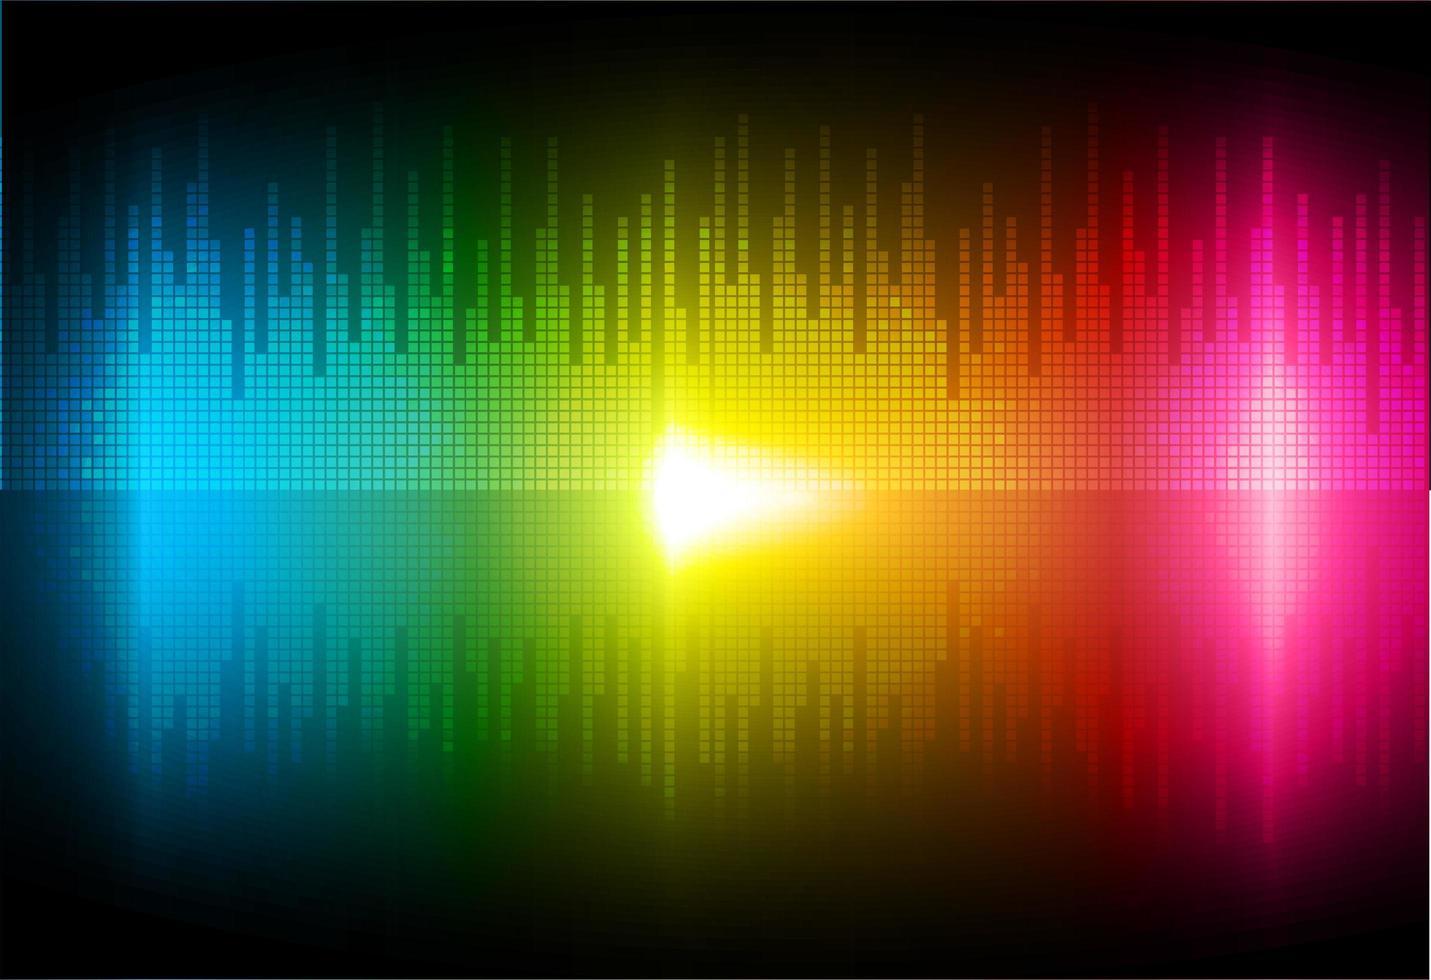 ondas sonoras que oscilan con luz colorida vector